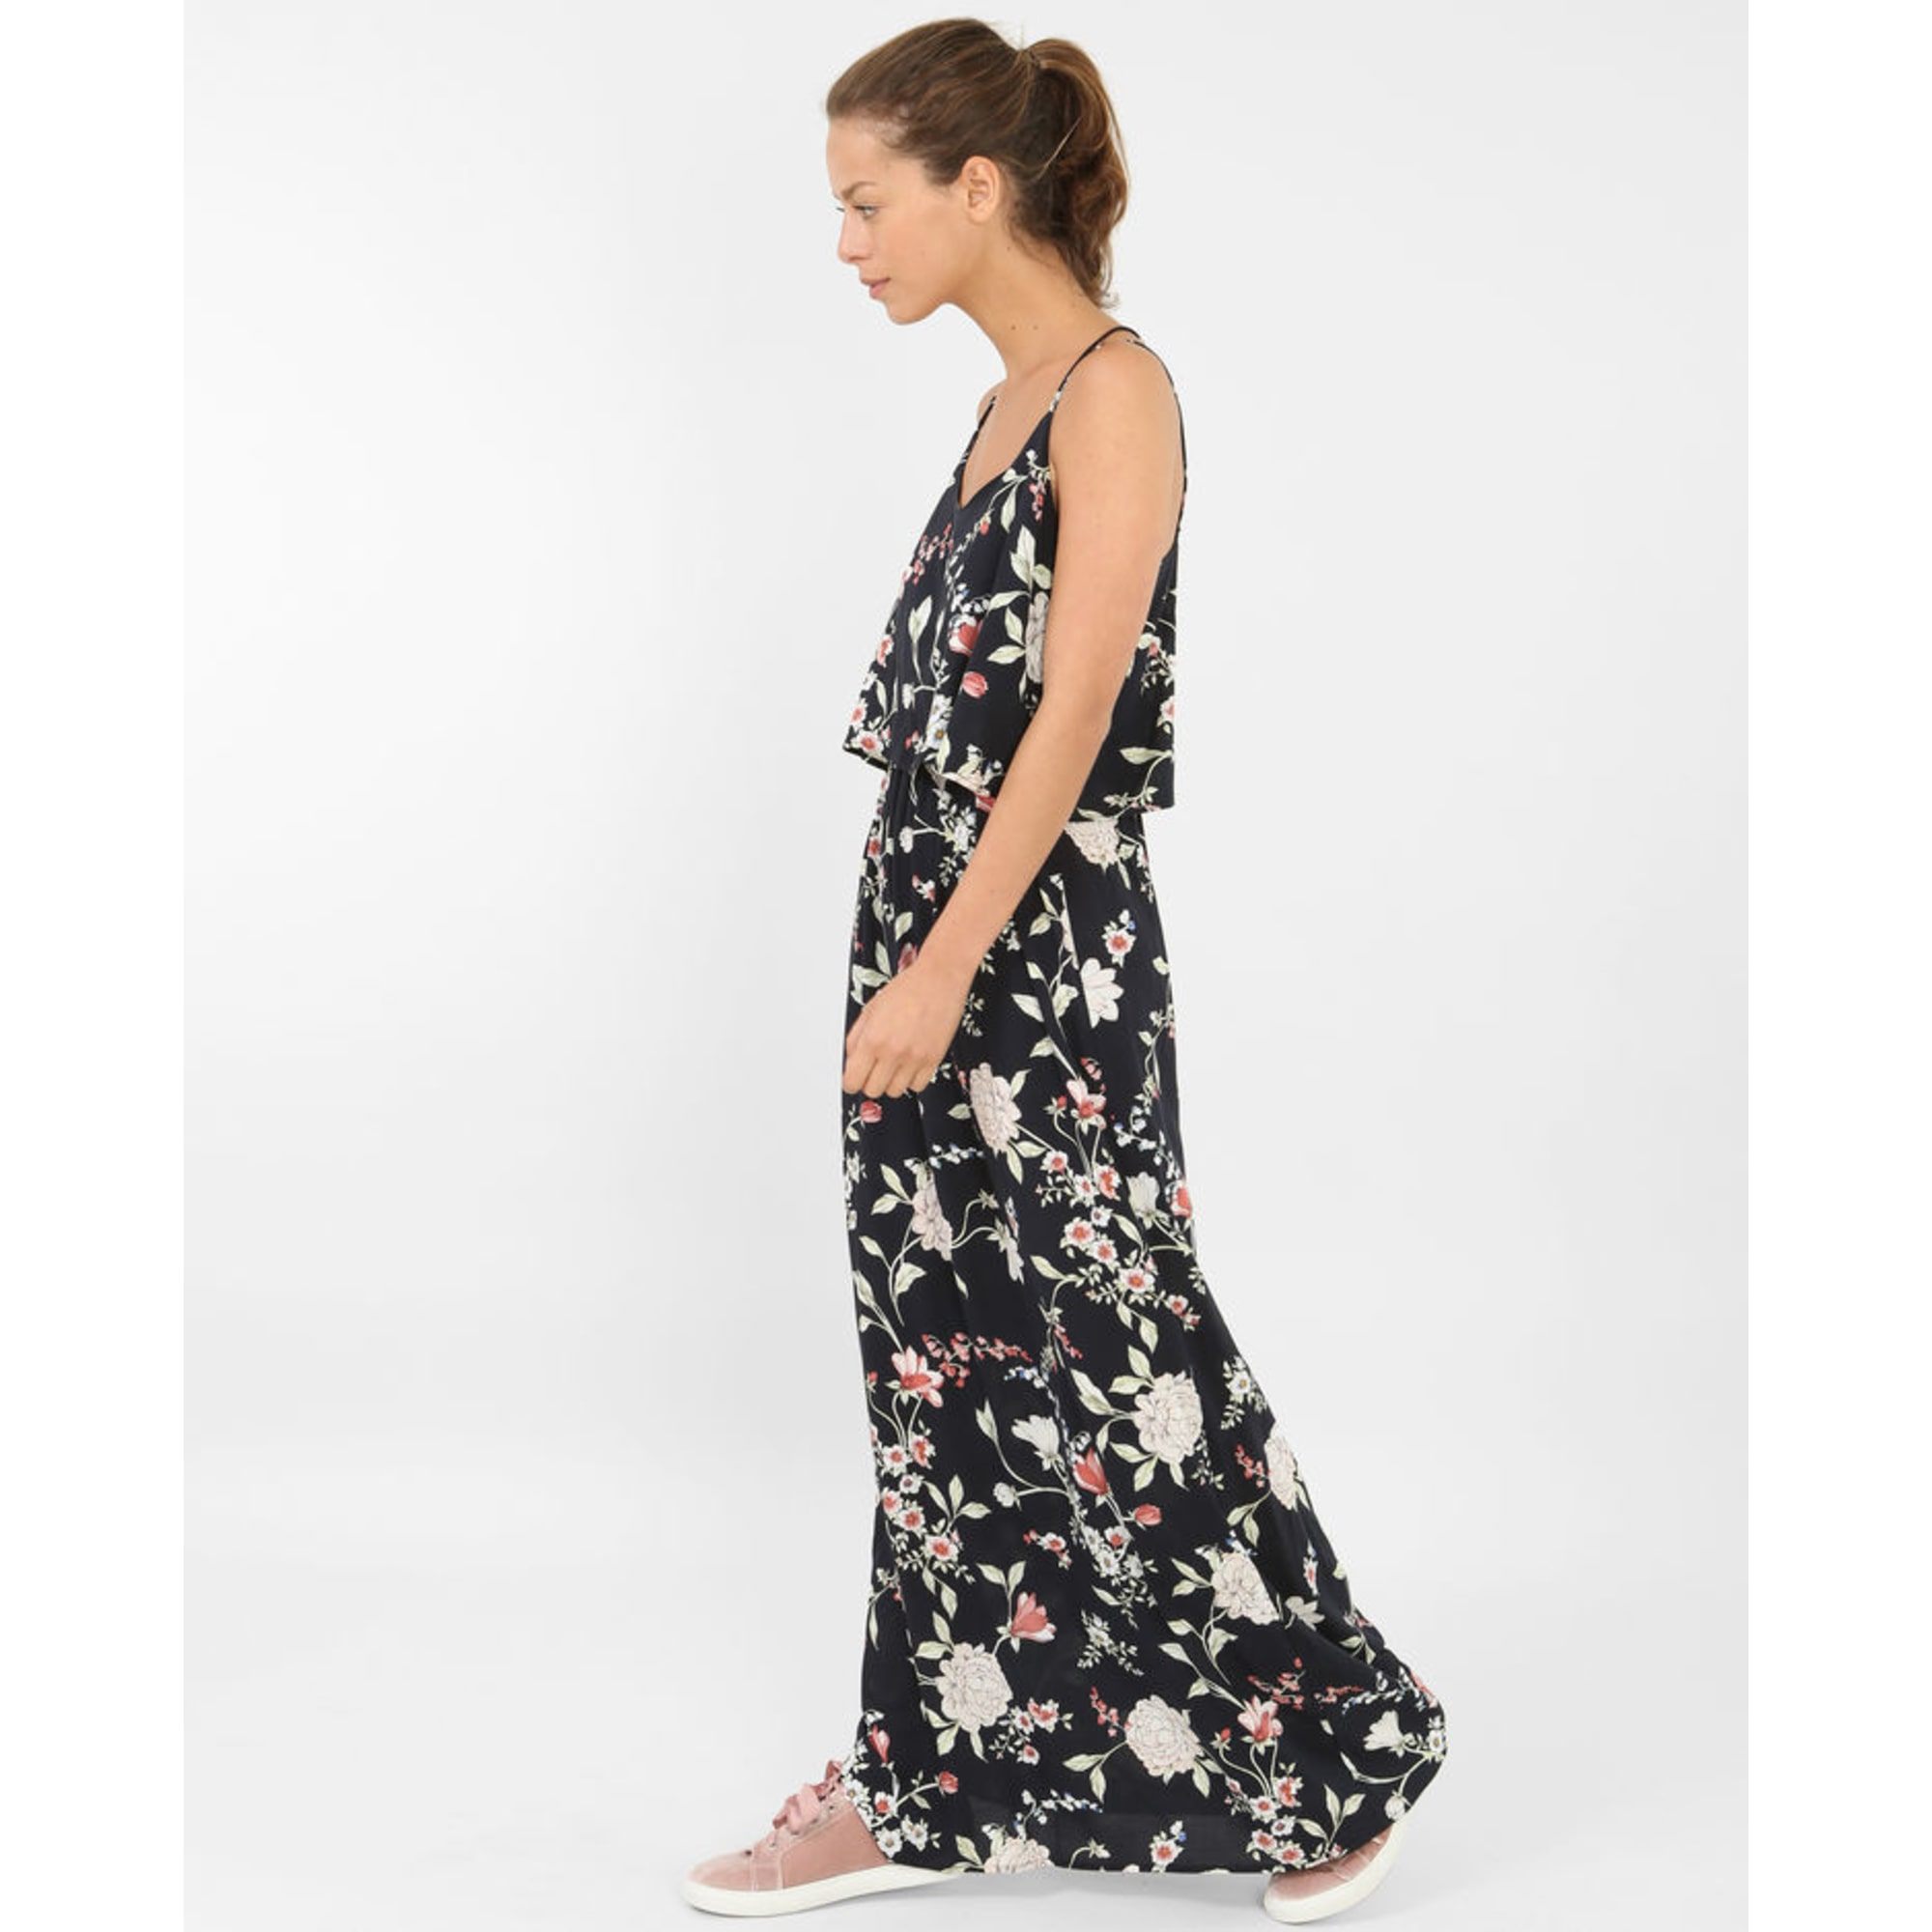 Robe Longue Pimkie 40 L T3 Noir Vendu Par Nolwenn 23441702 7959826